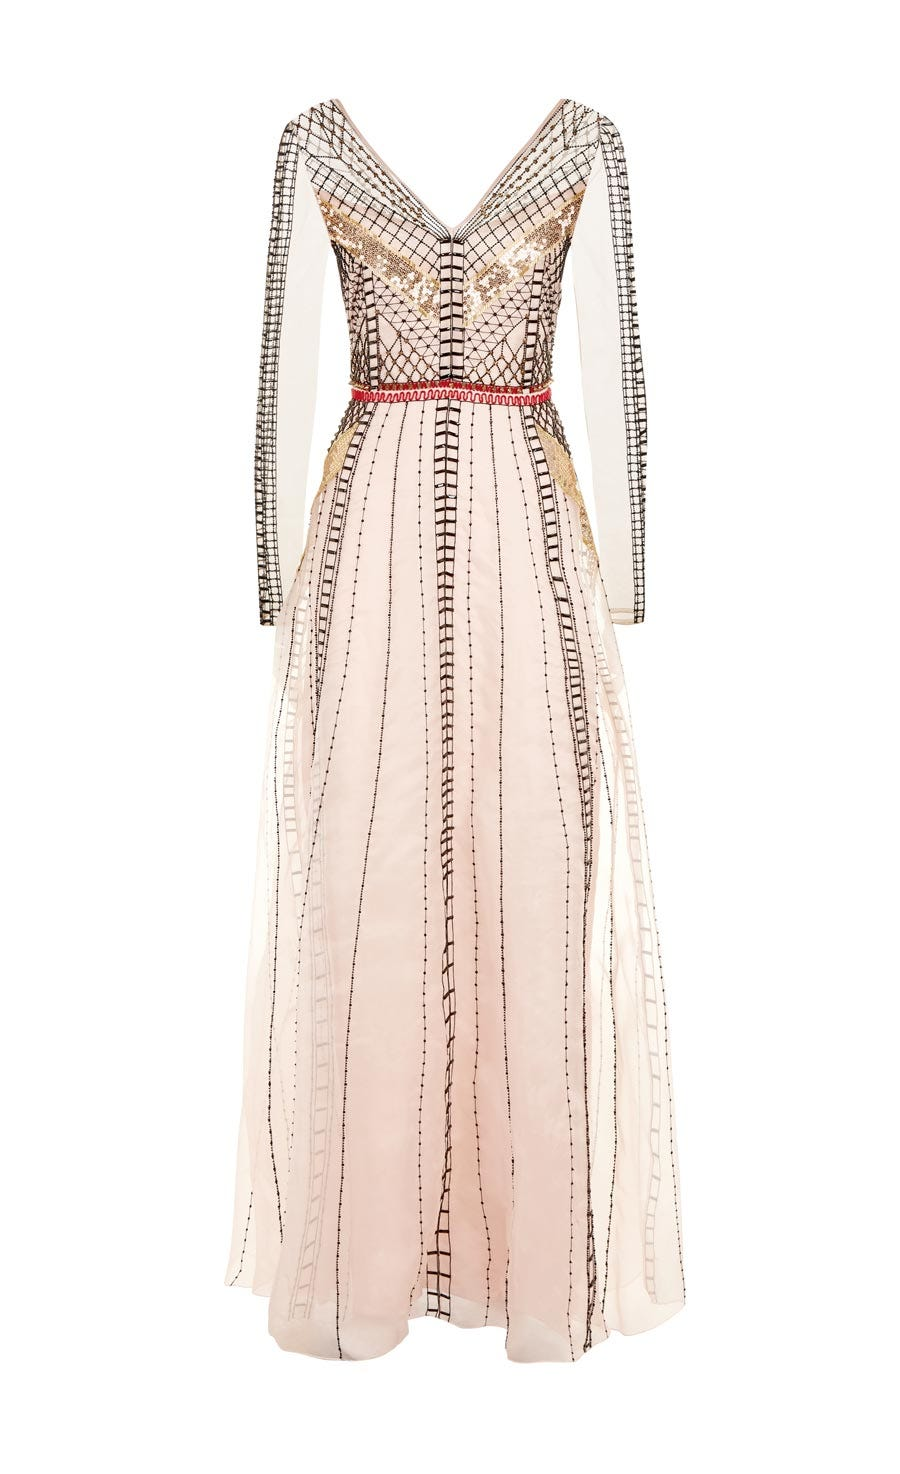 Victoria Long Dress